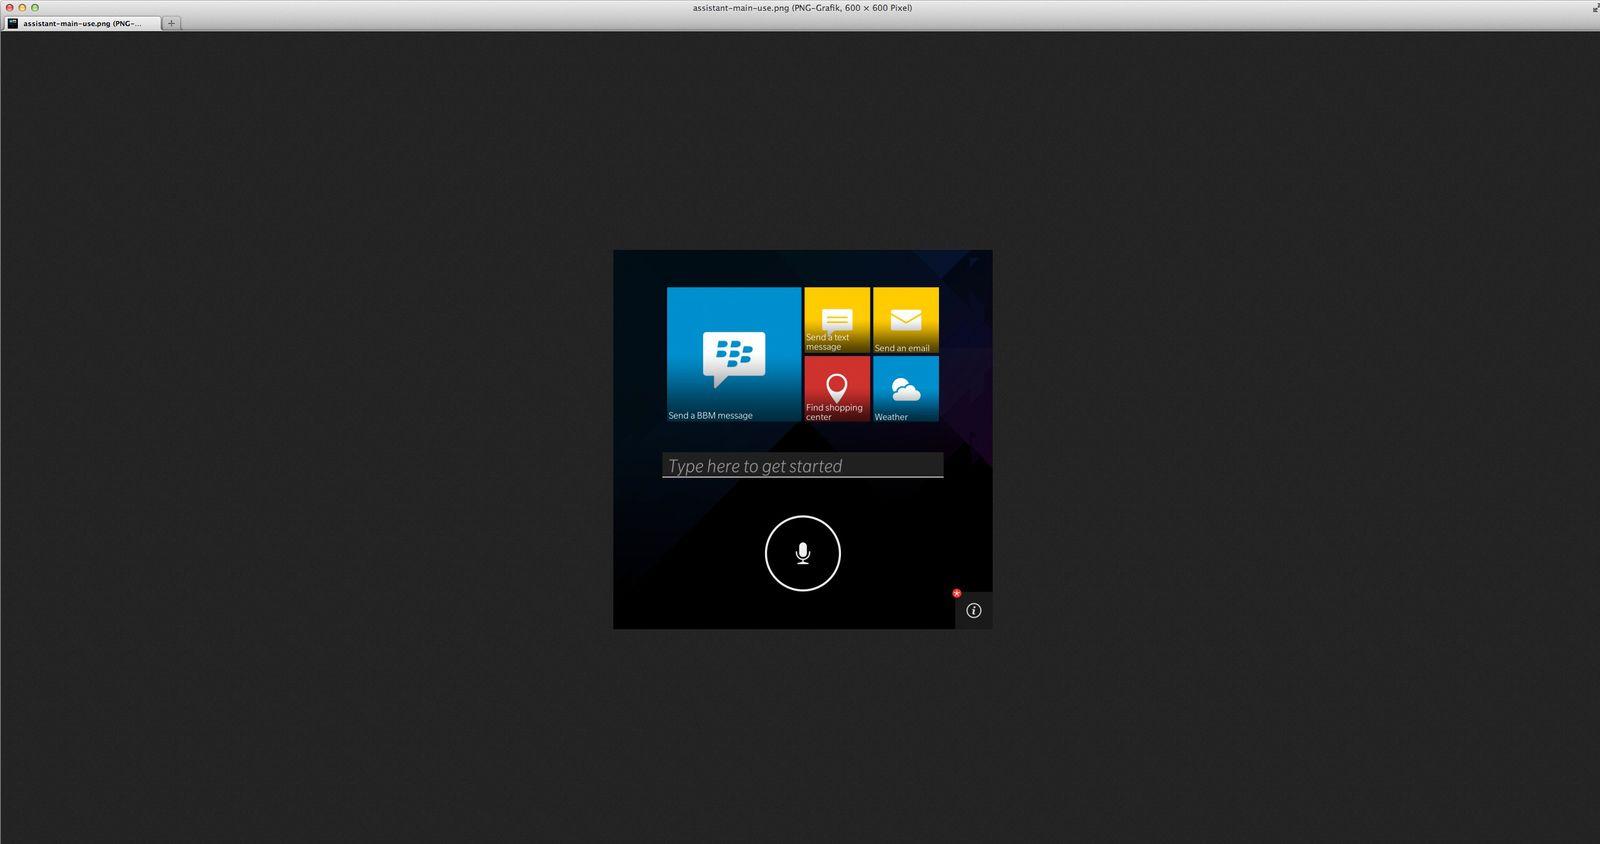 NUR ASL ZITAT Screenshot/ Blackberry Assistant